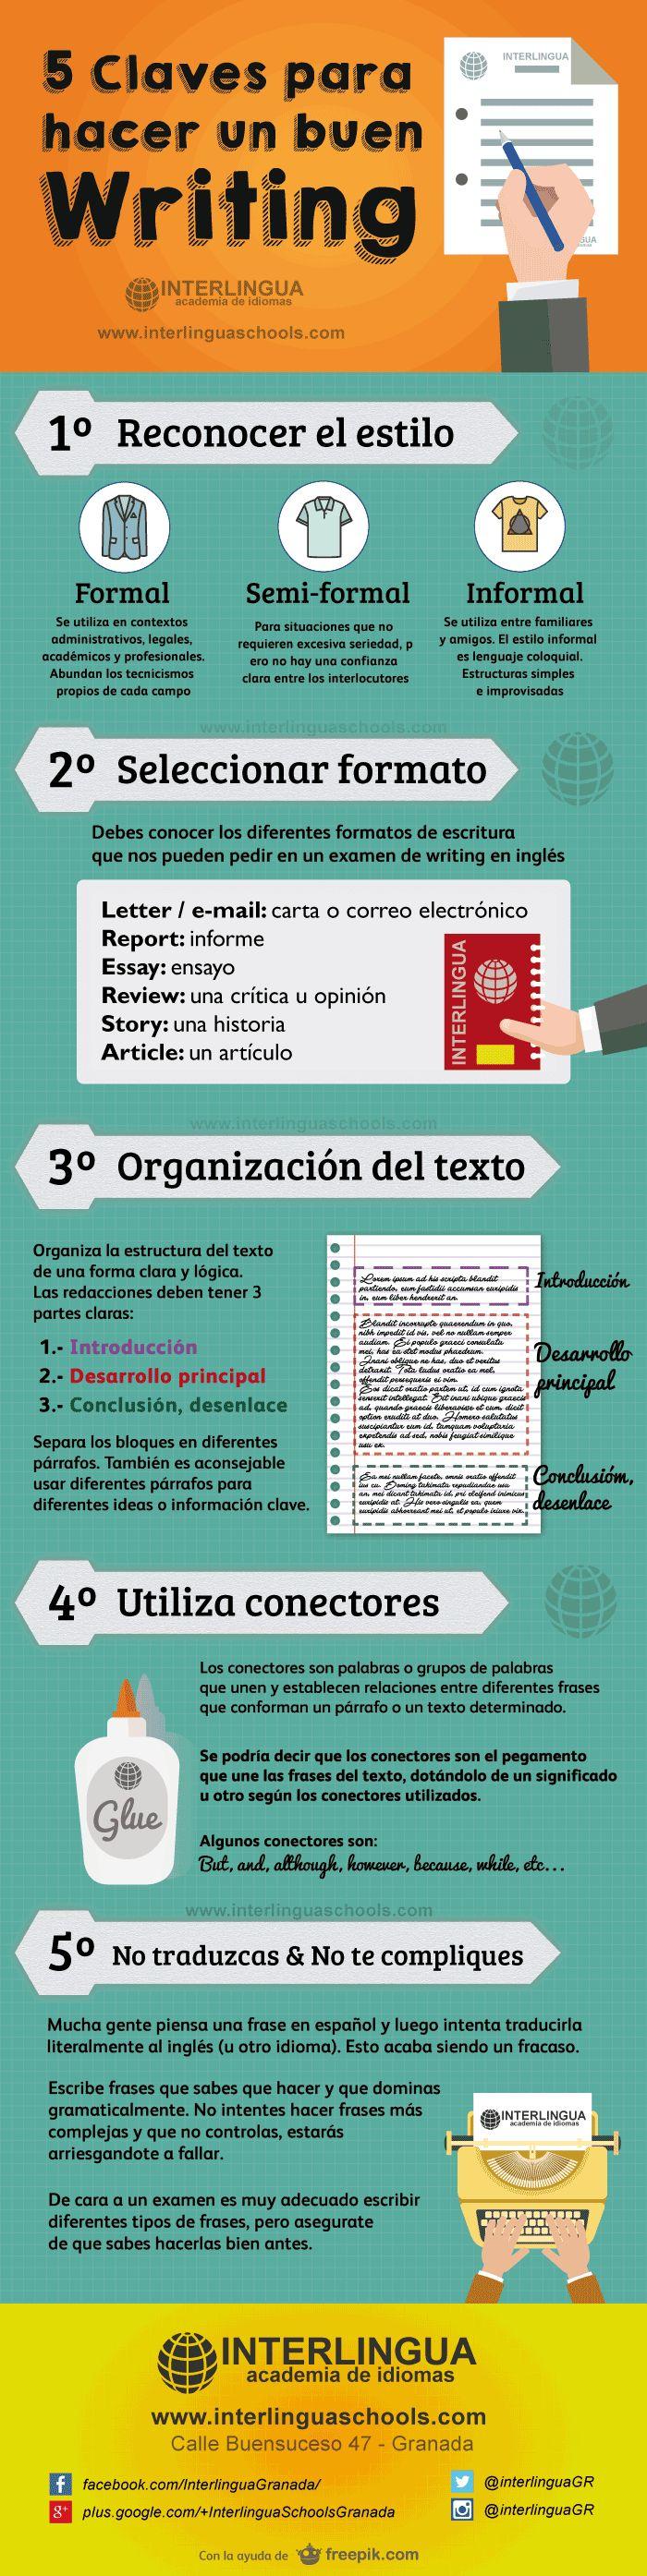 5 Claves para hacer un writing o redacción en inglés. Infografia